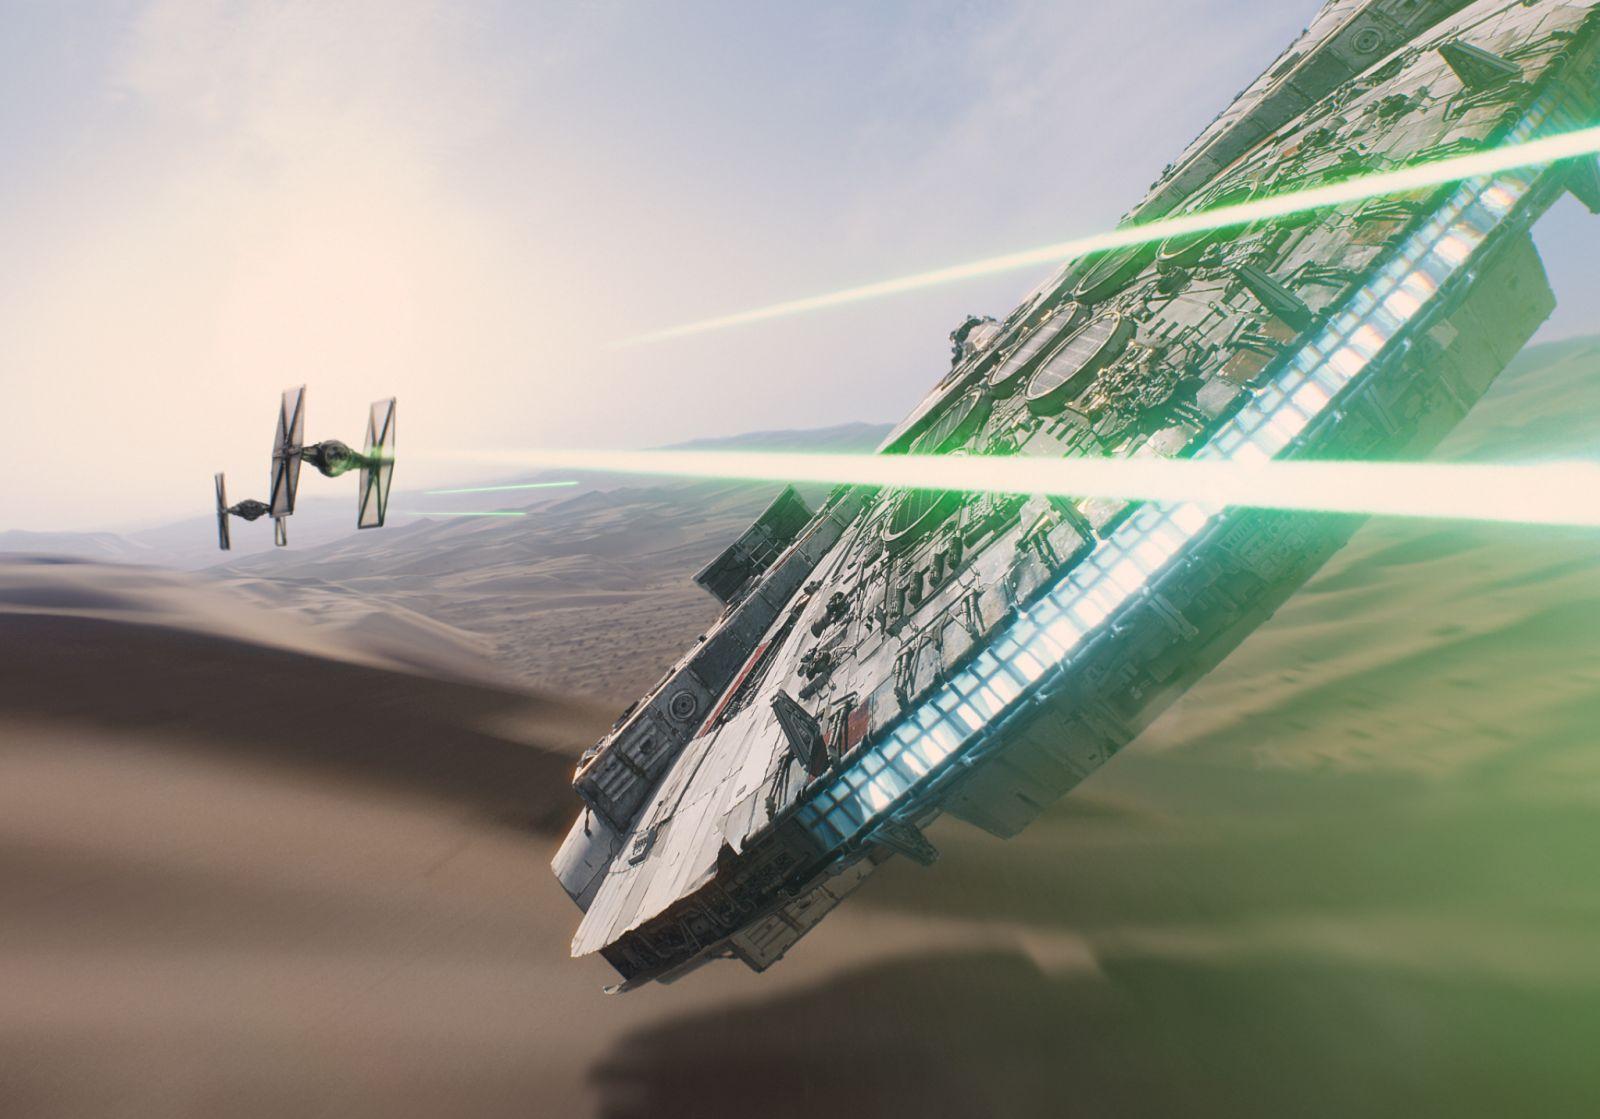 Star Wars: Il risveglio della forza, una scena d'azione del film di J.J. Abrams